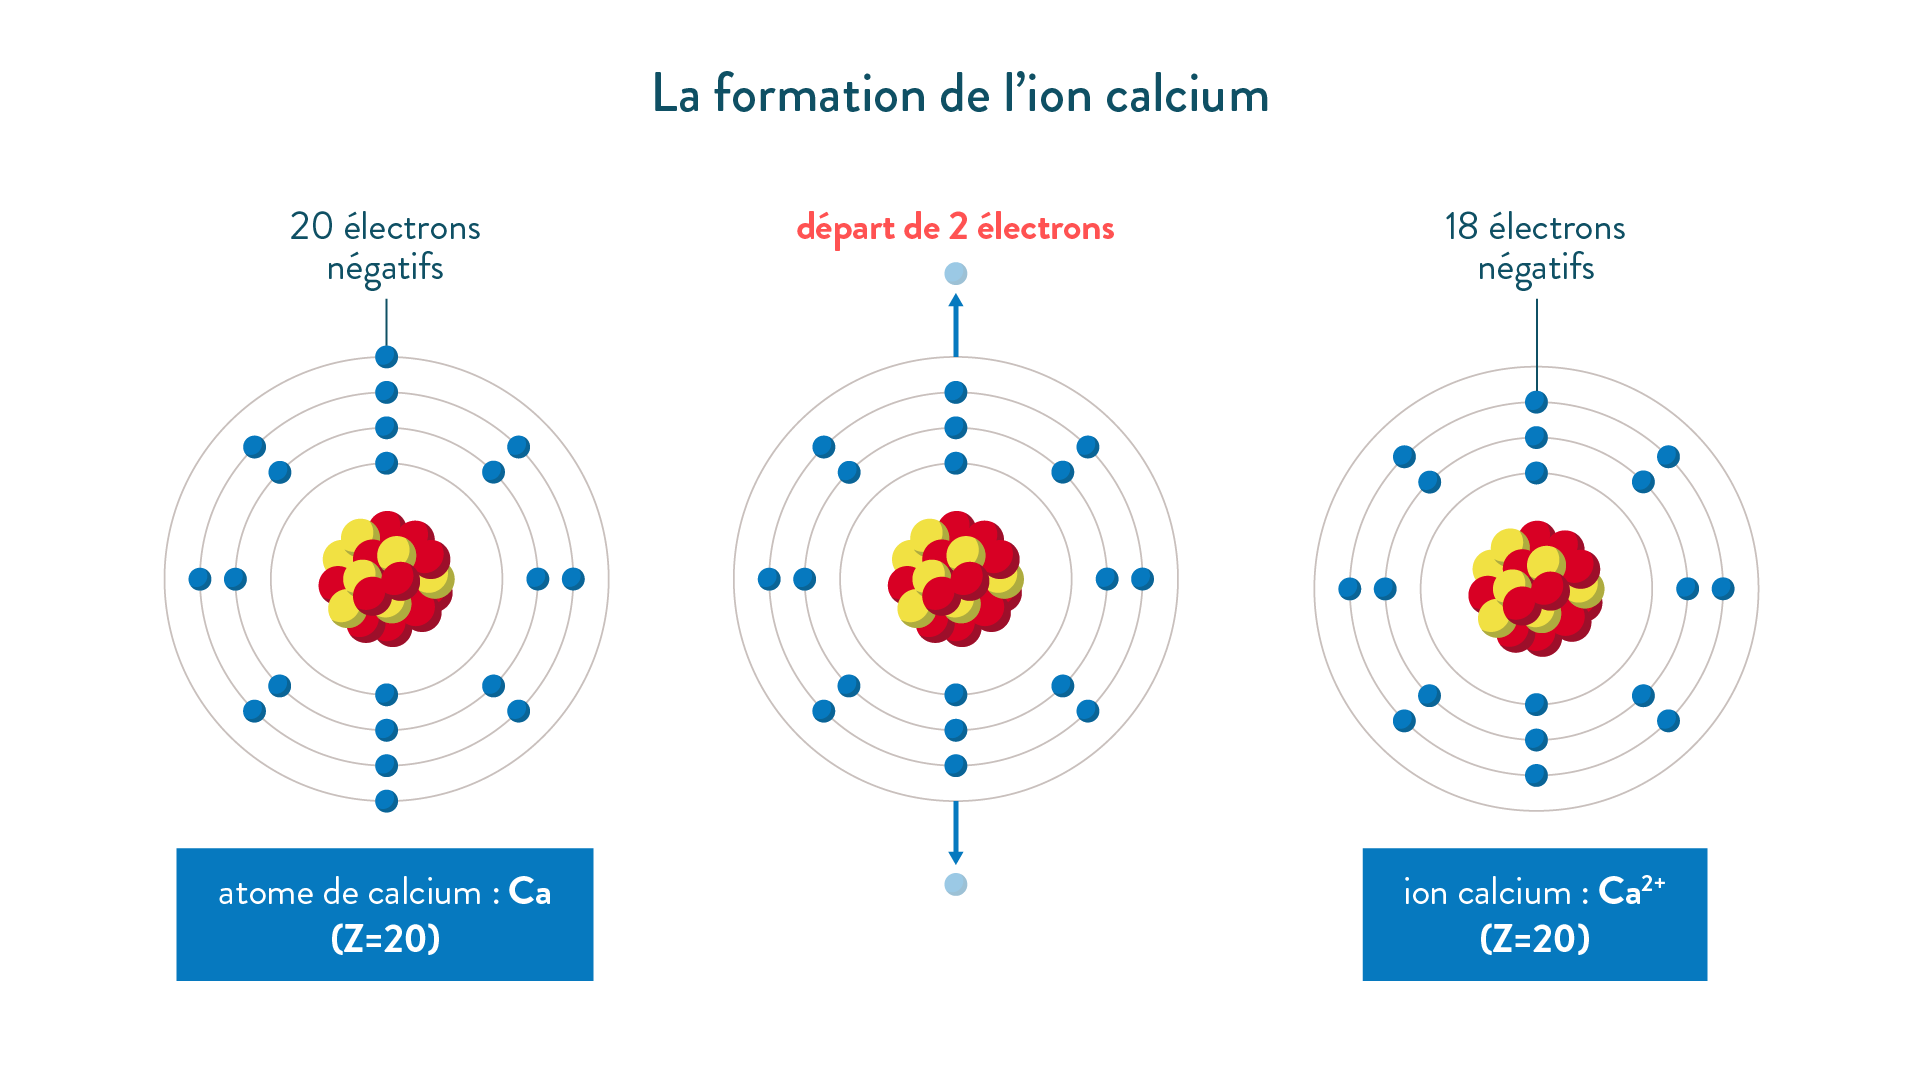 La formation de l'ion calcium